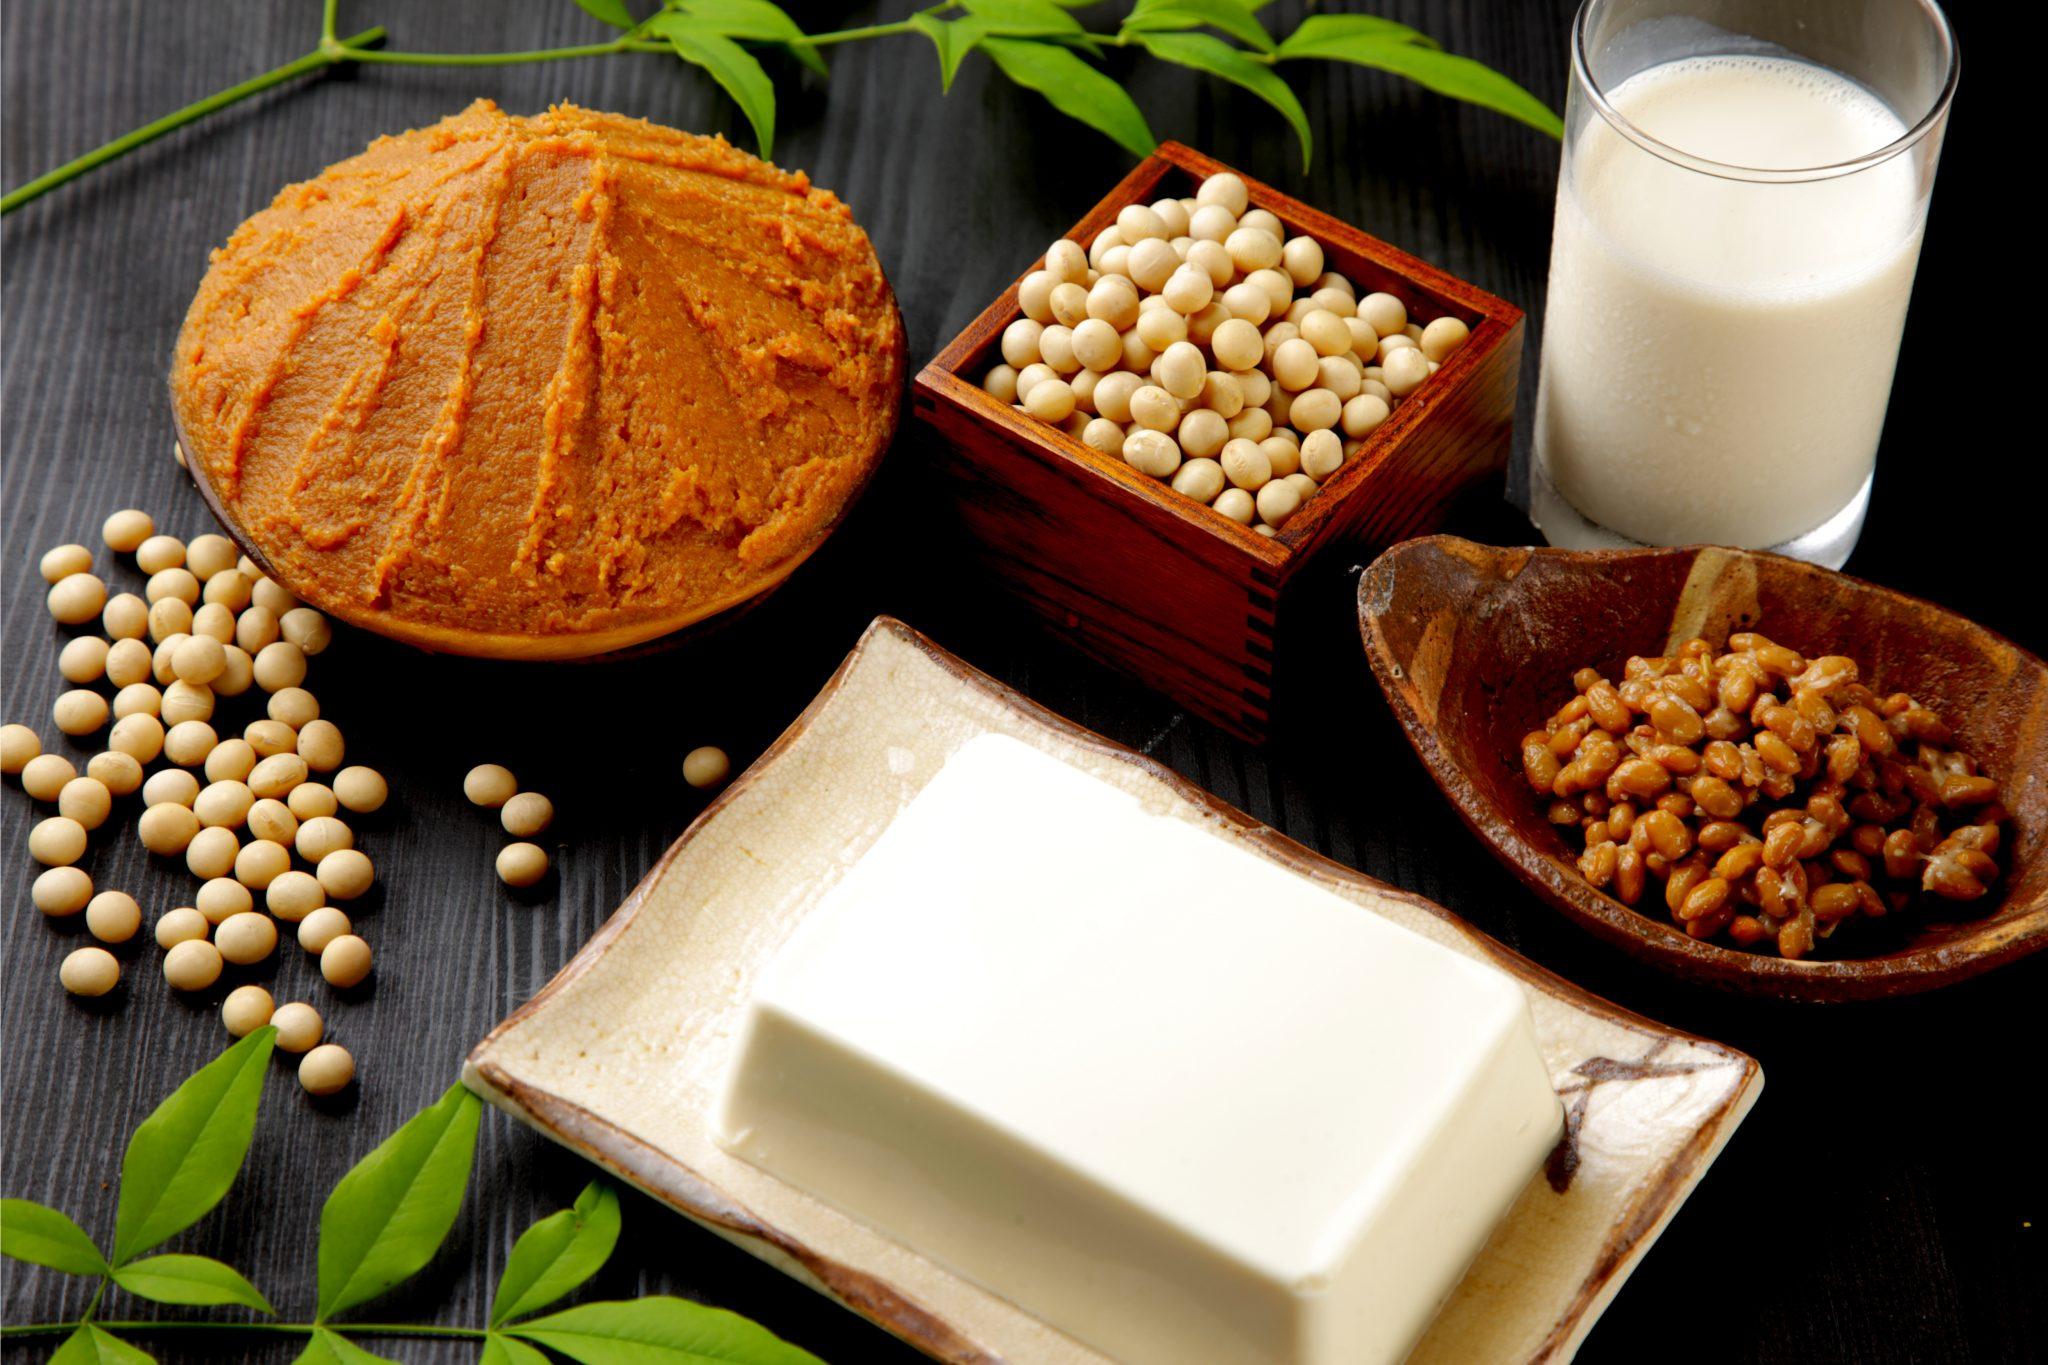 豆腐や納豆、味噌などの大豆製品